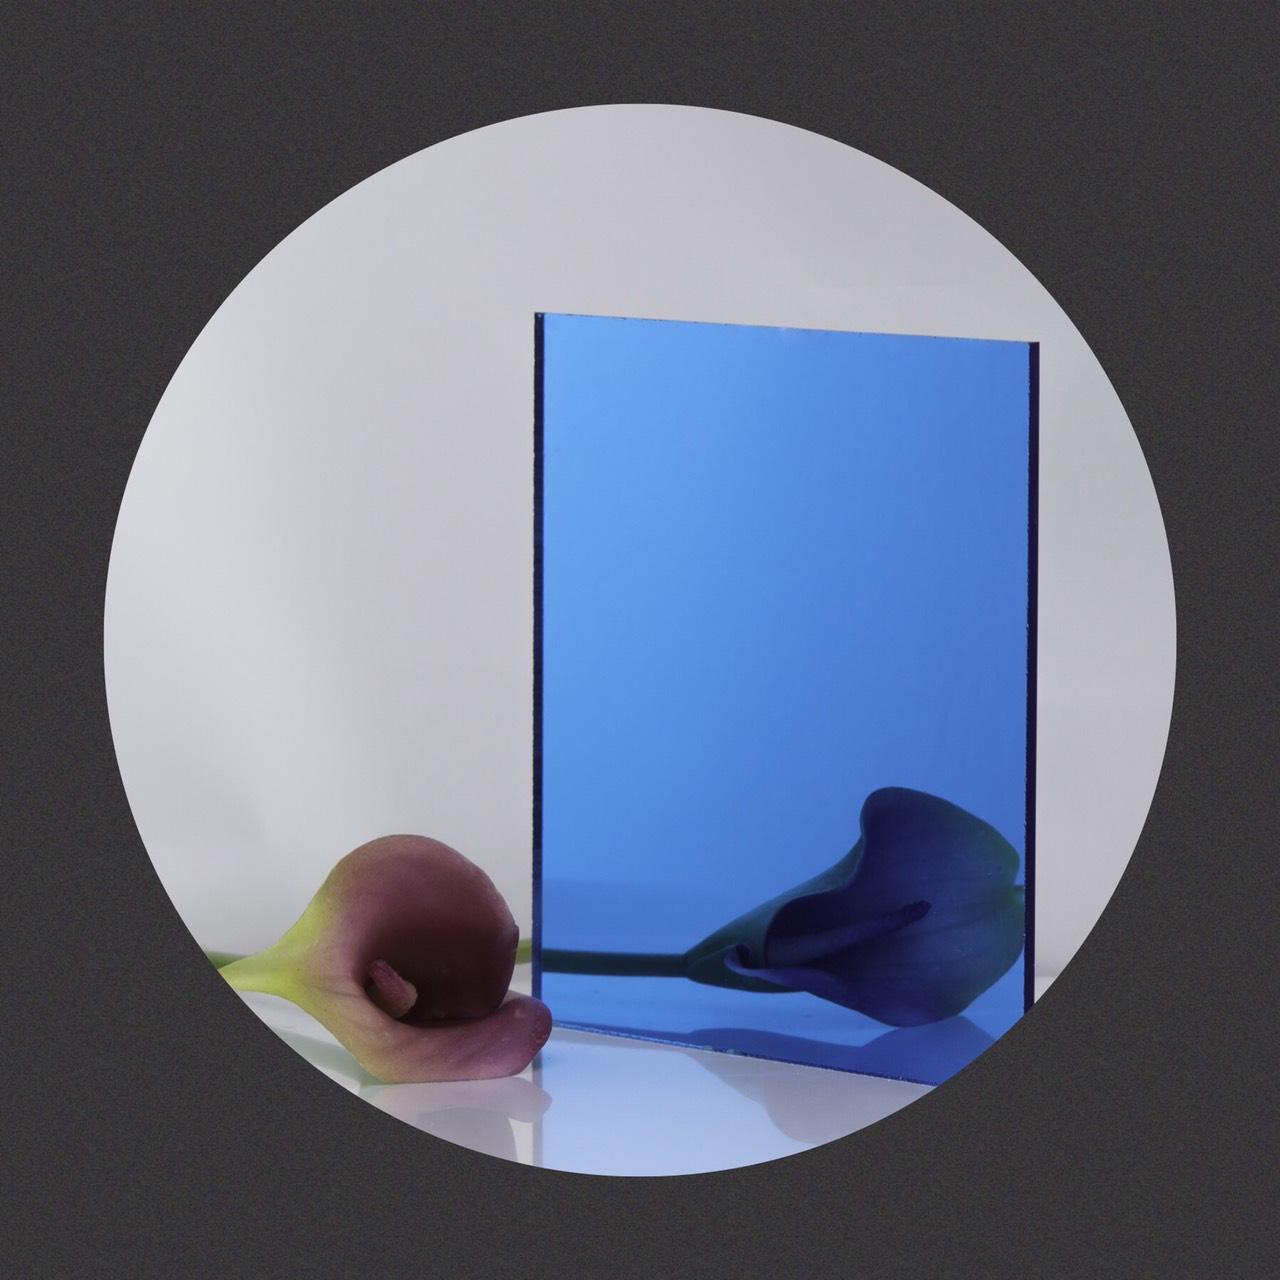 กระจกเงาสี Blue Mirror Glass